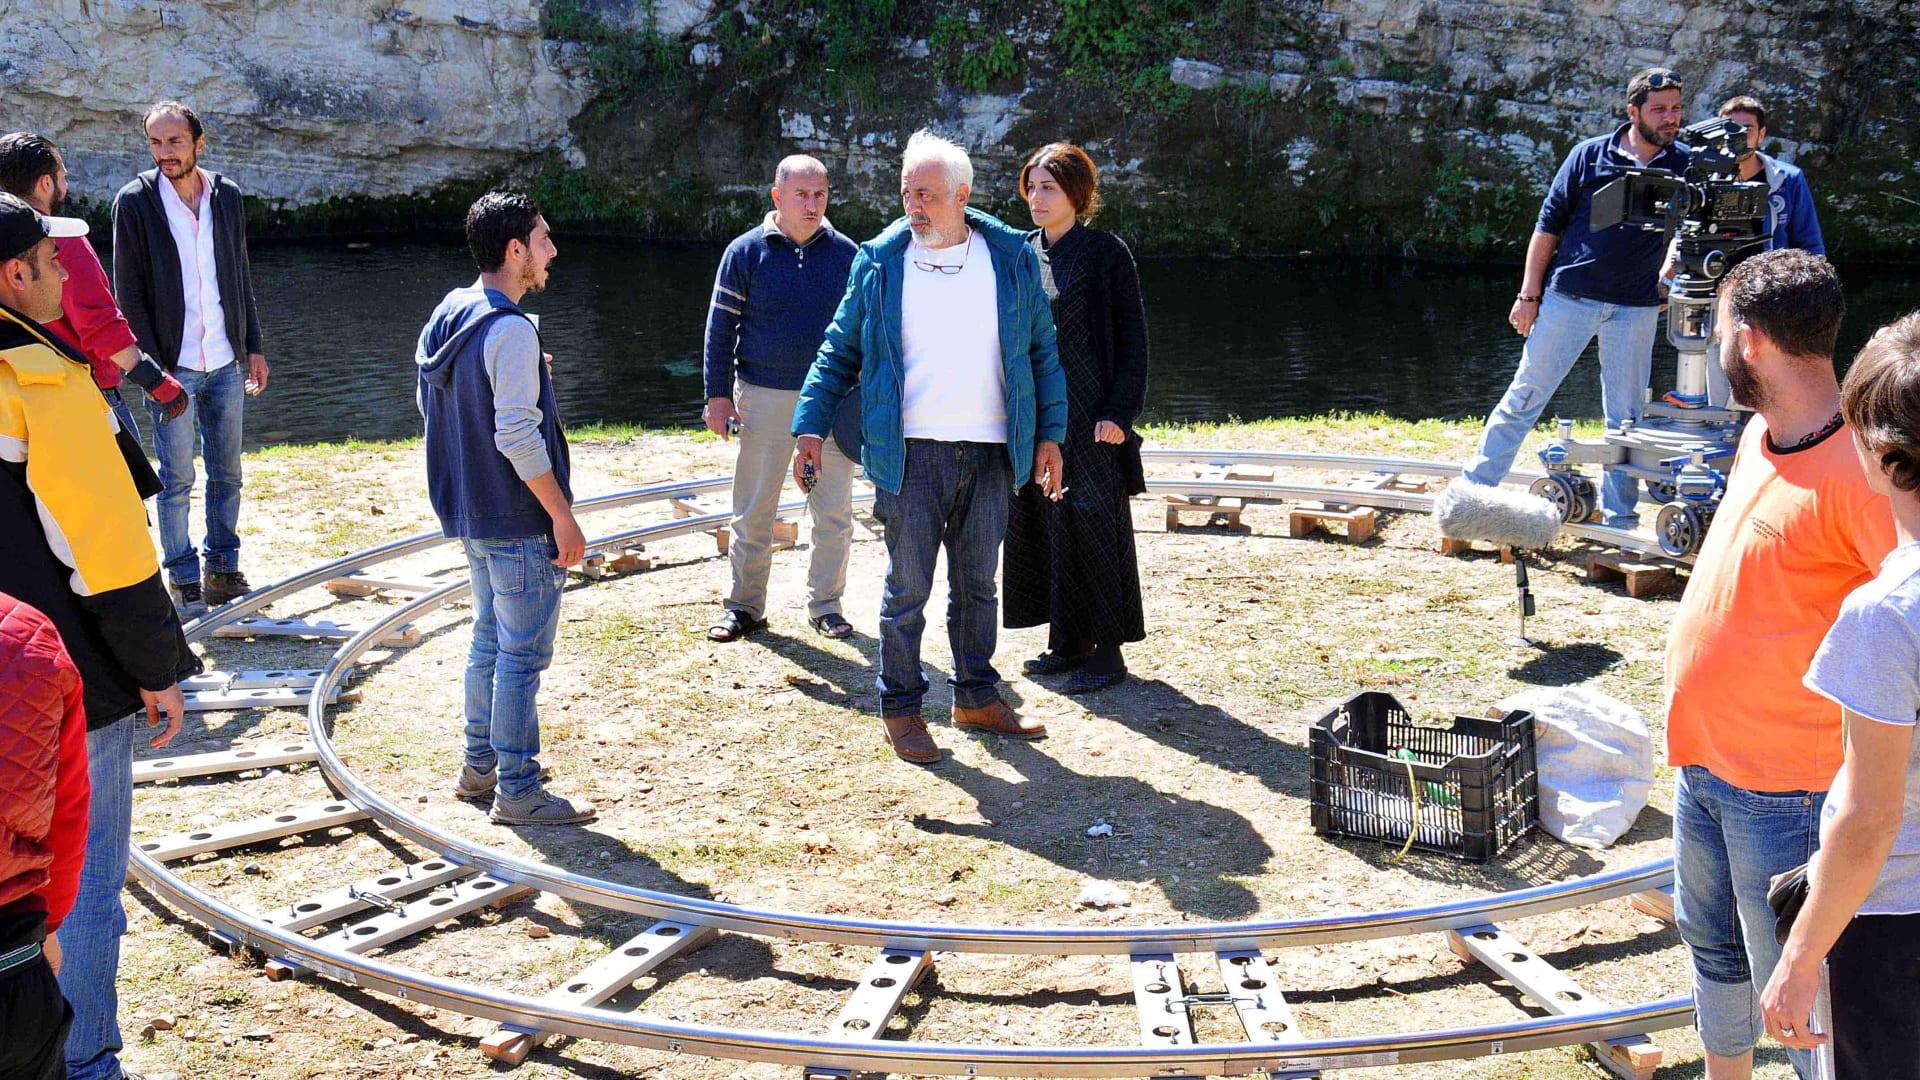 من كواليس تصوير أيام لا تنسى حيث تم تصوير نعظم مشاهد العمل في مناطق ريف طرطوس على الساحر السوري.